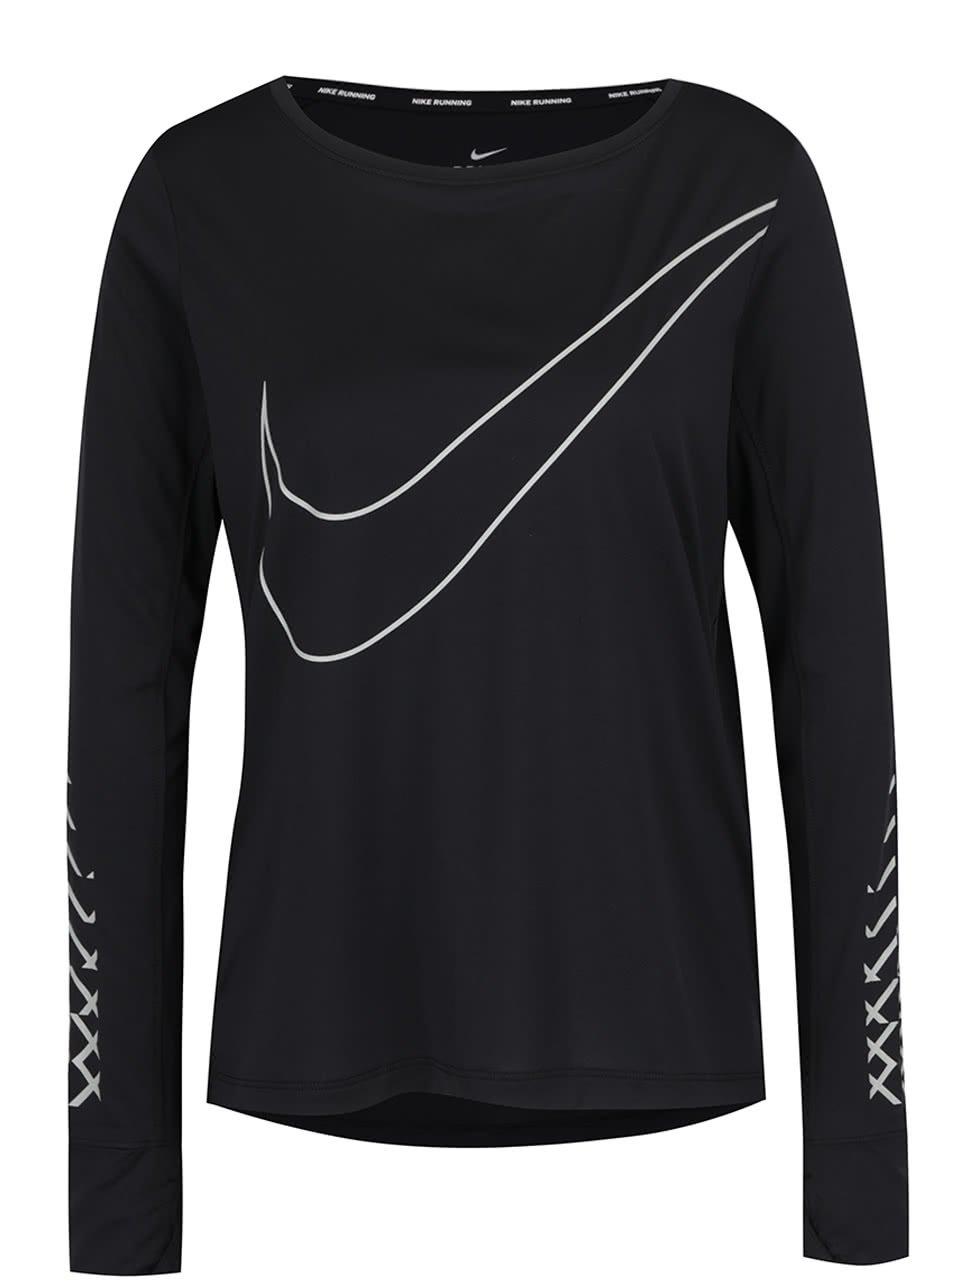 Černé dámské funkční tričko s potiskem Nike Breathe